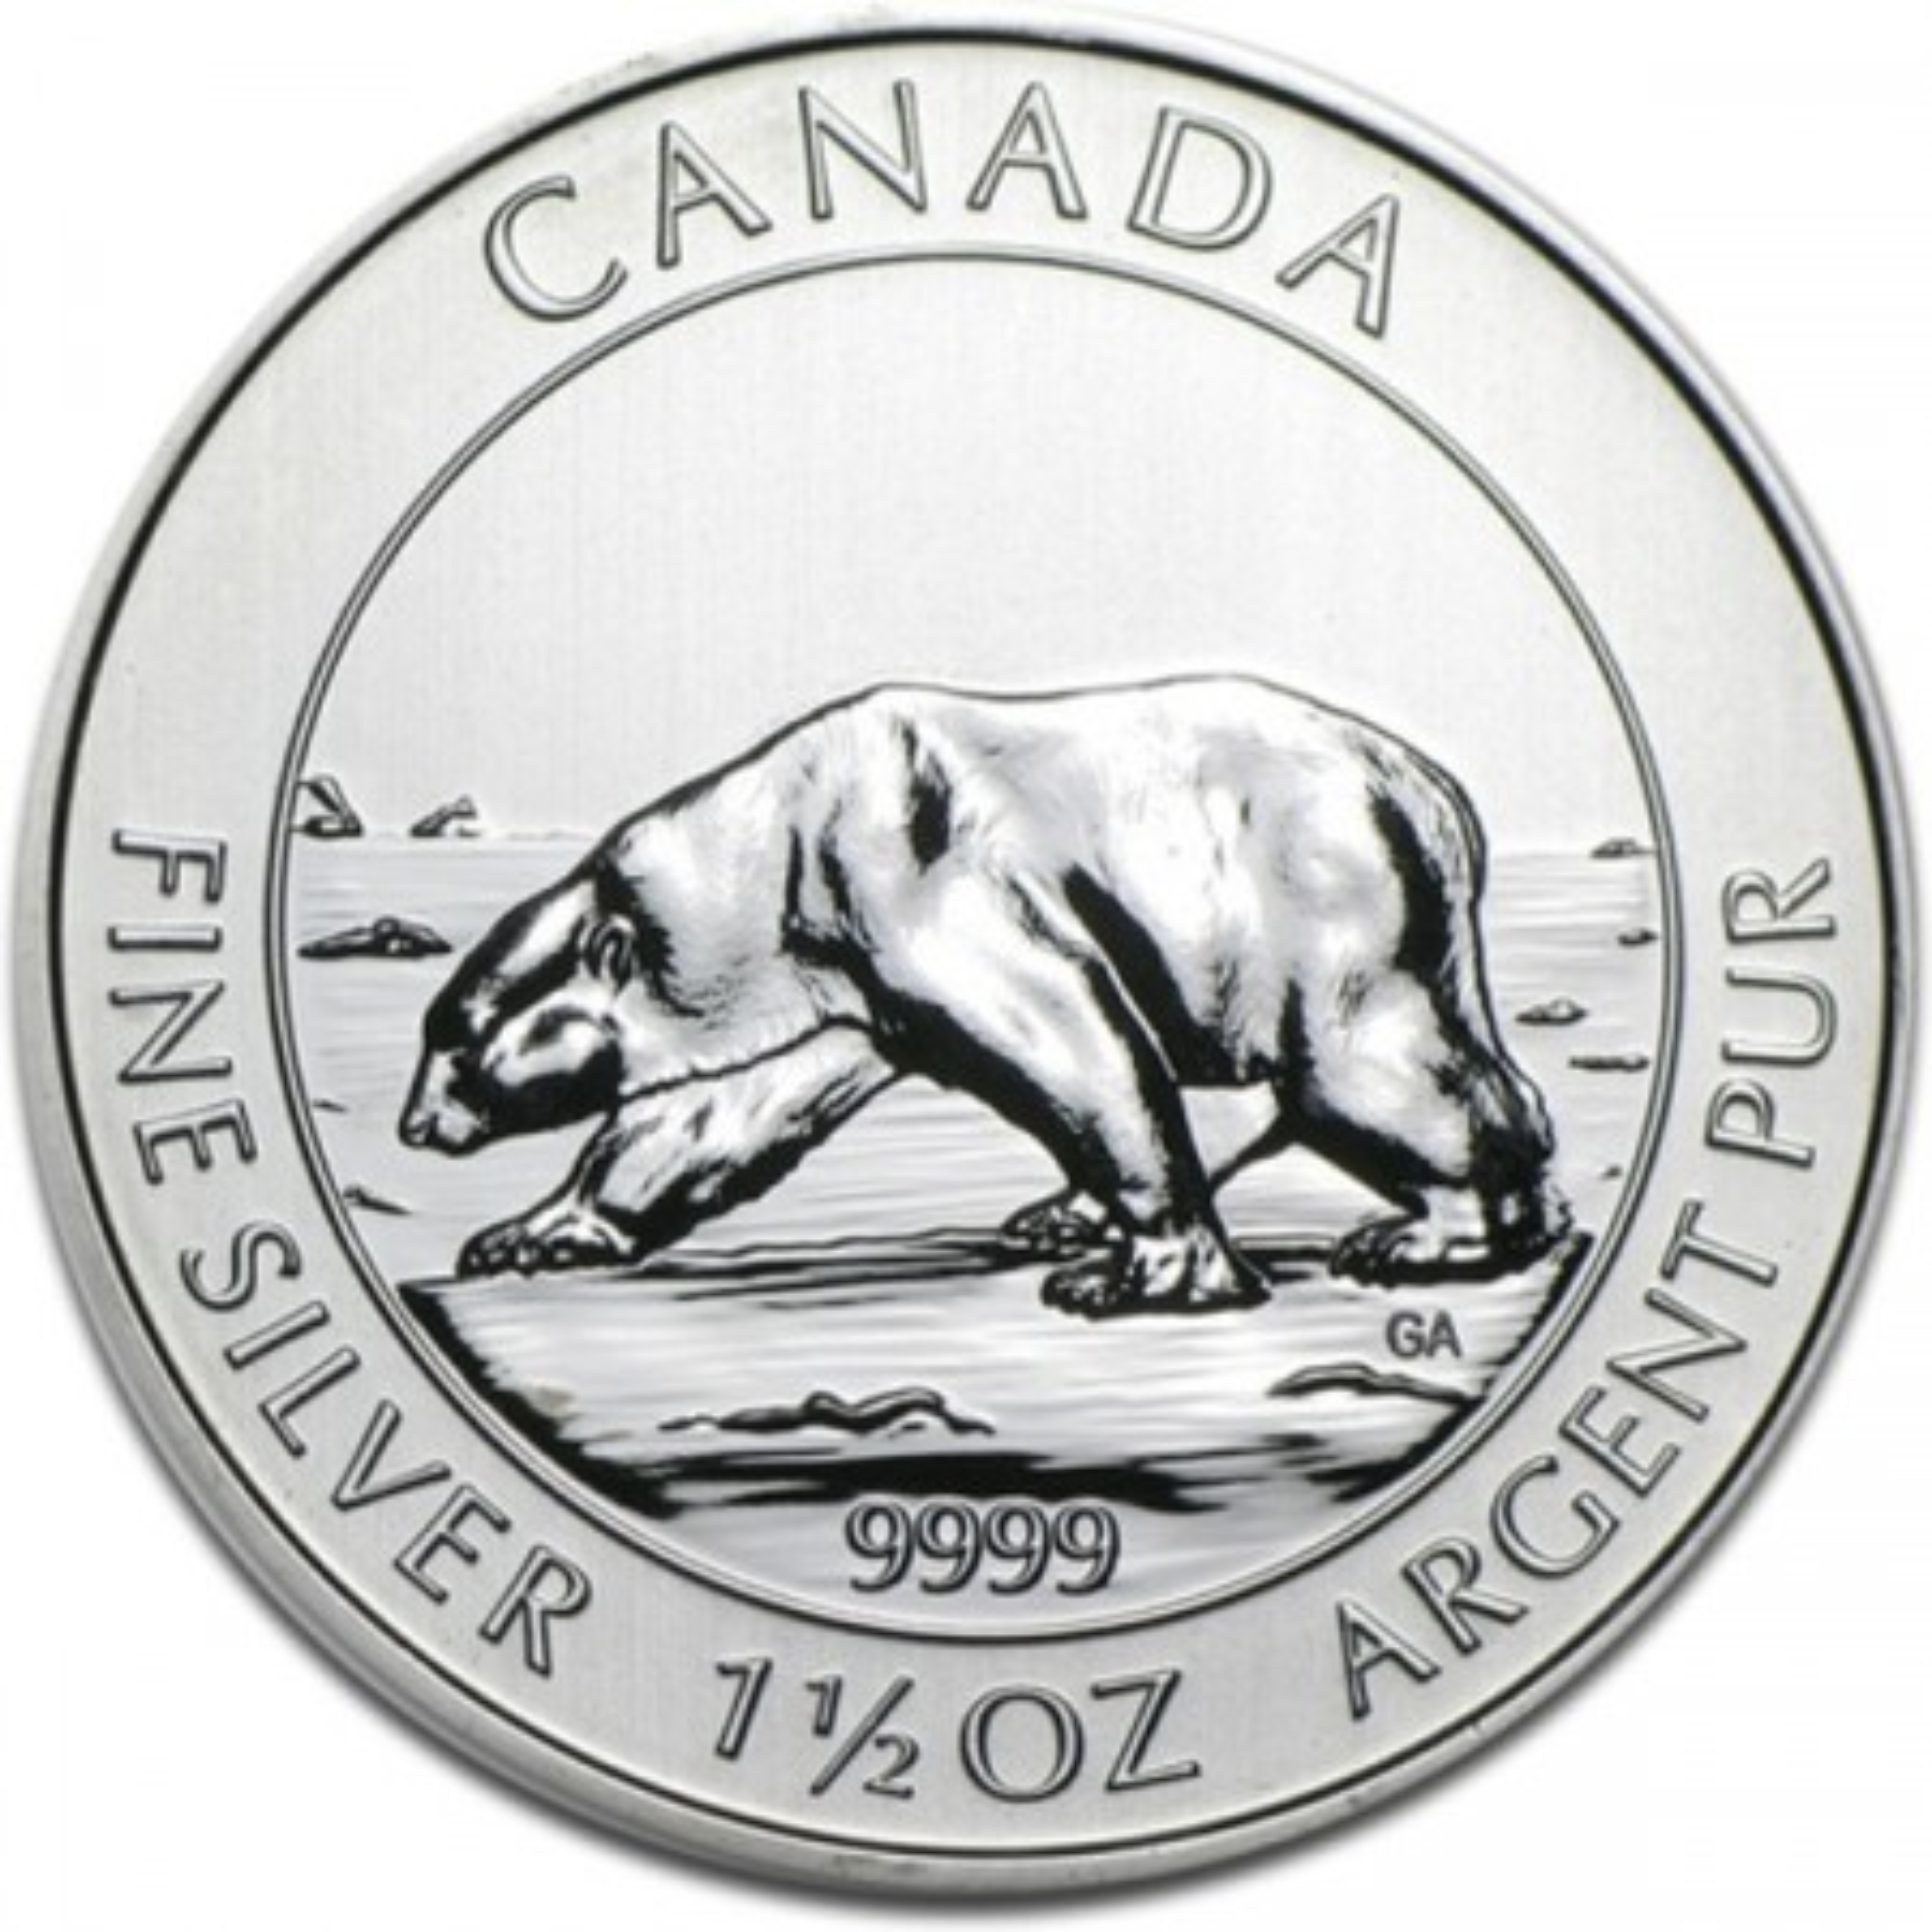 1,5 troy ounce zilver IJsbeer munt 2013